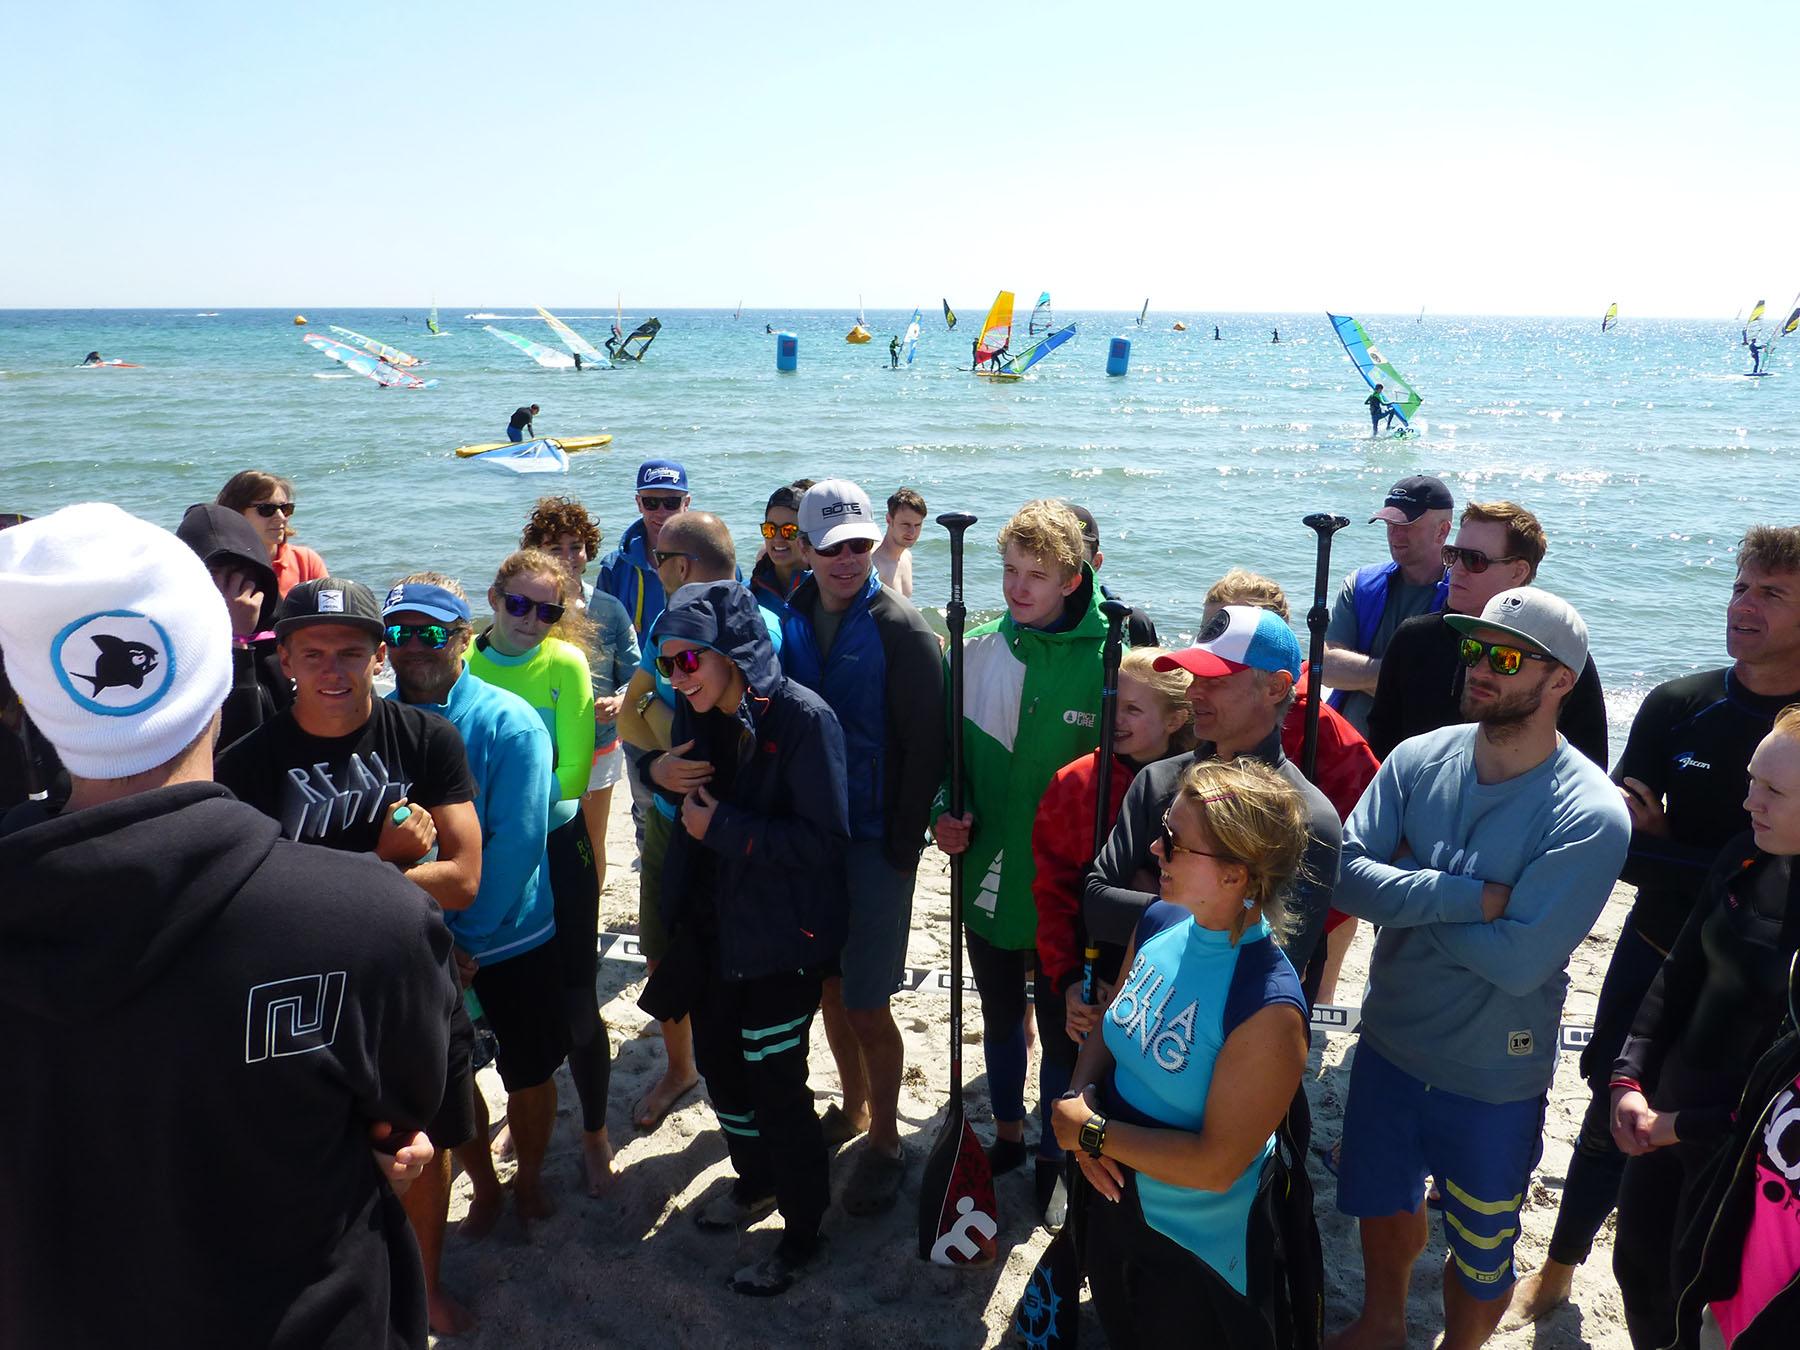 german sup challenge fehmarn surffestival 016 03 - Ultimate Beachrace Action @German SUP Challenge Fehmarn 016